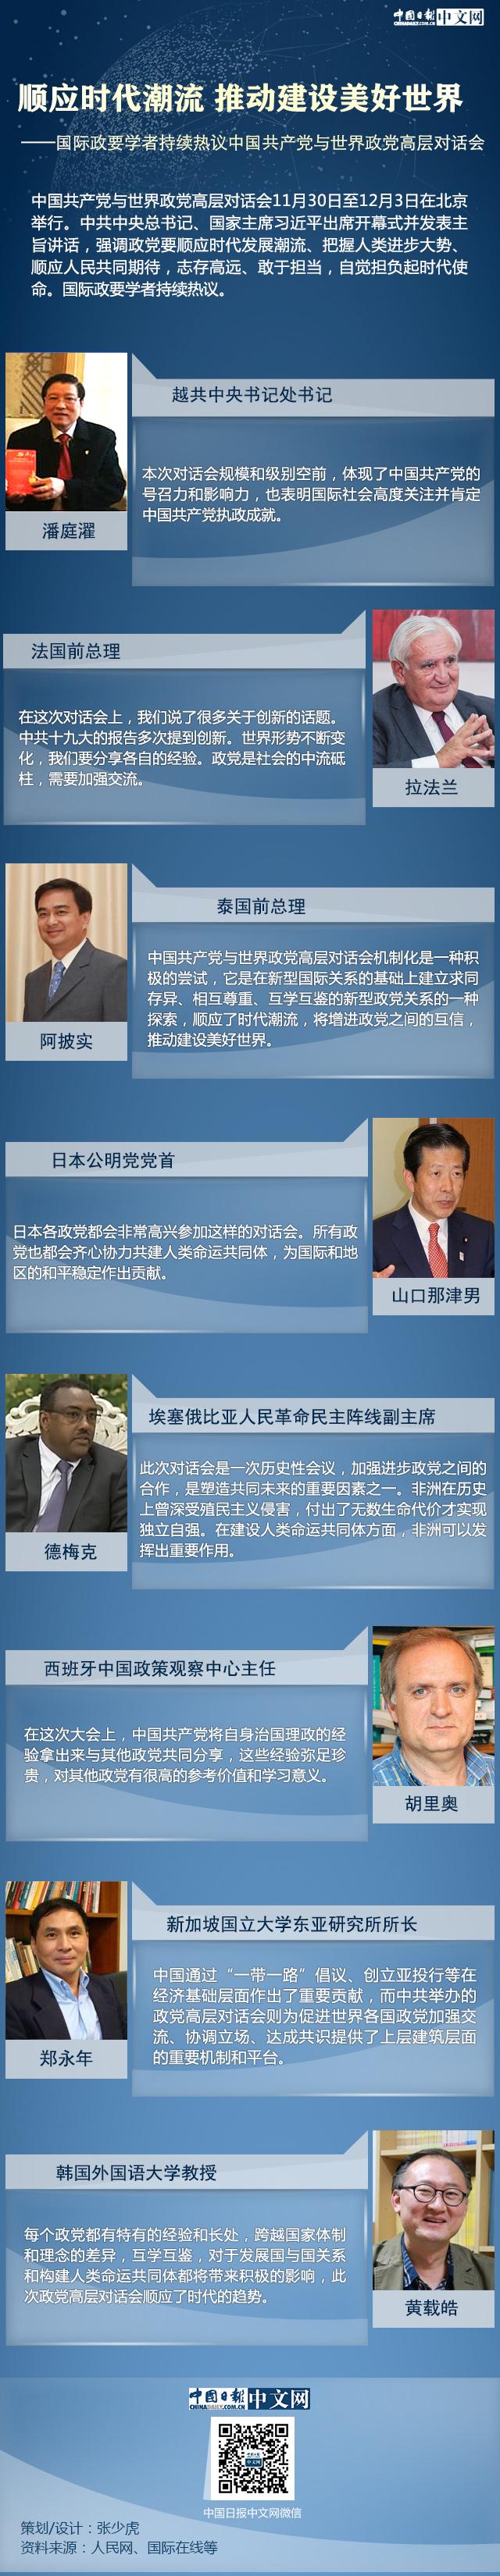 顺应时代潮流 推动建设美好世界——国际政要学者持续热议中国共产党与世界政党高层对话会